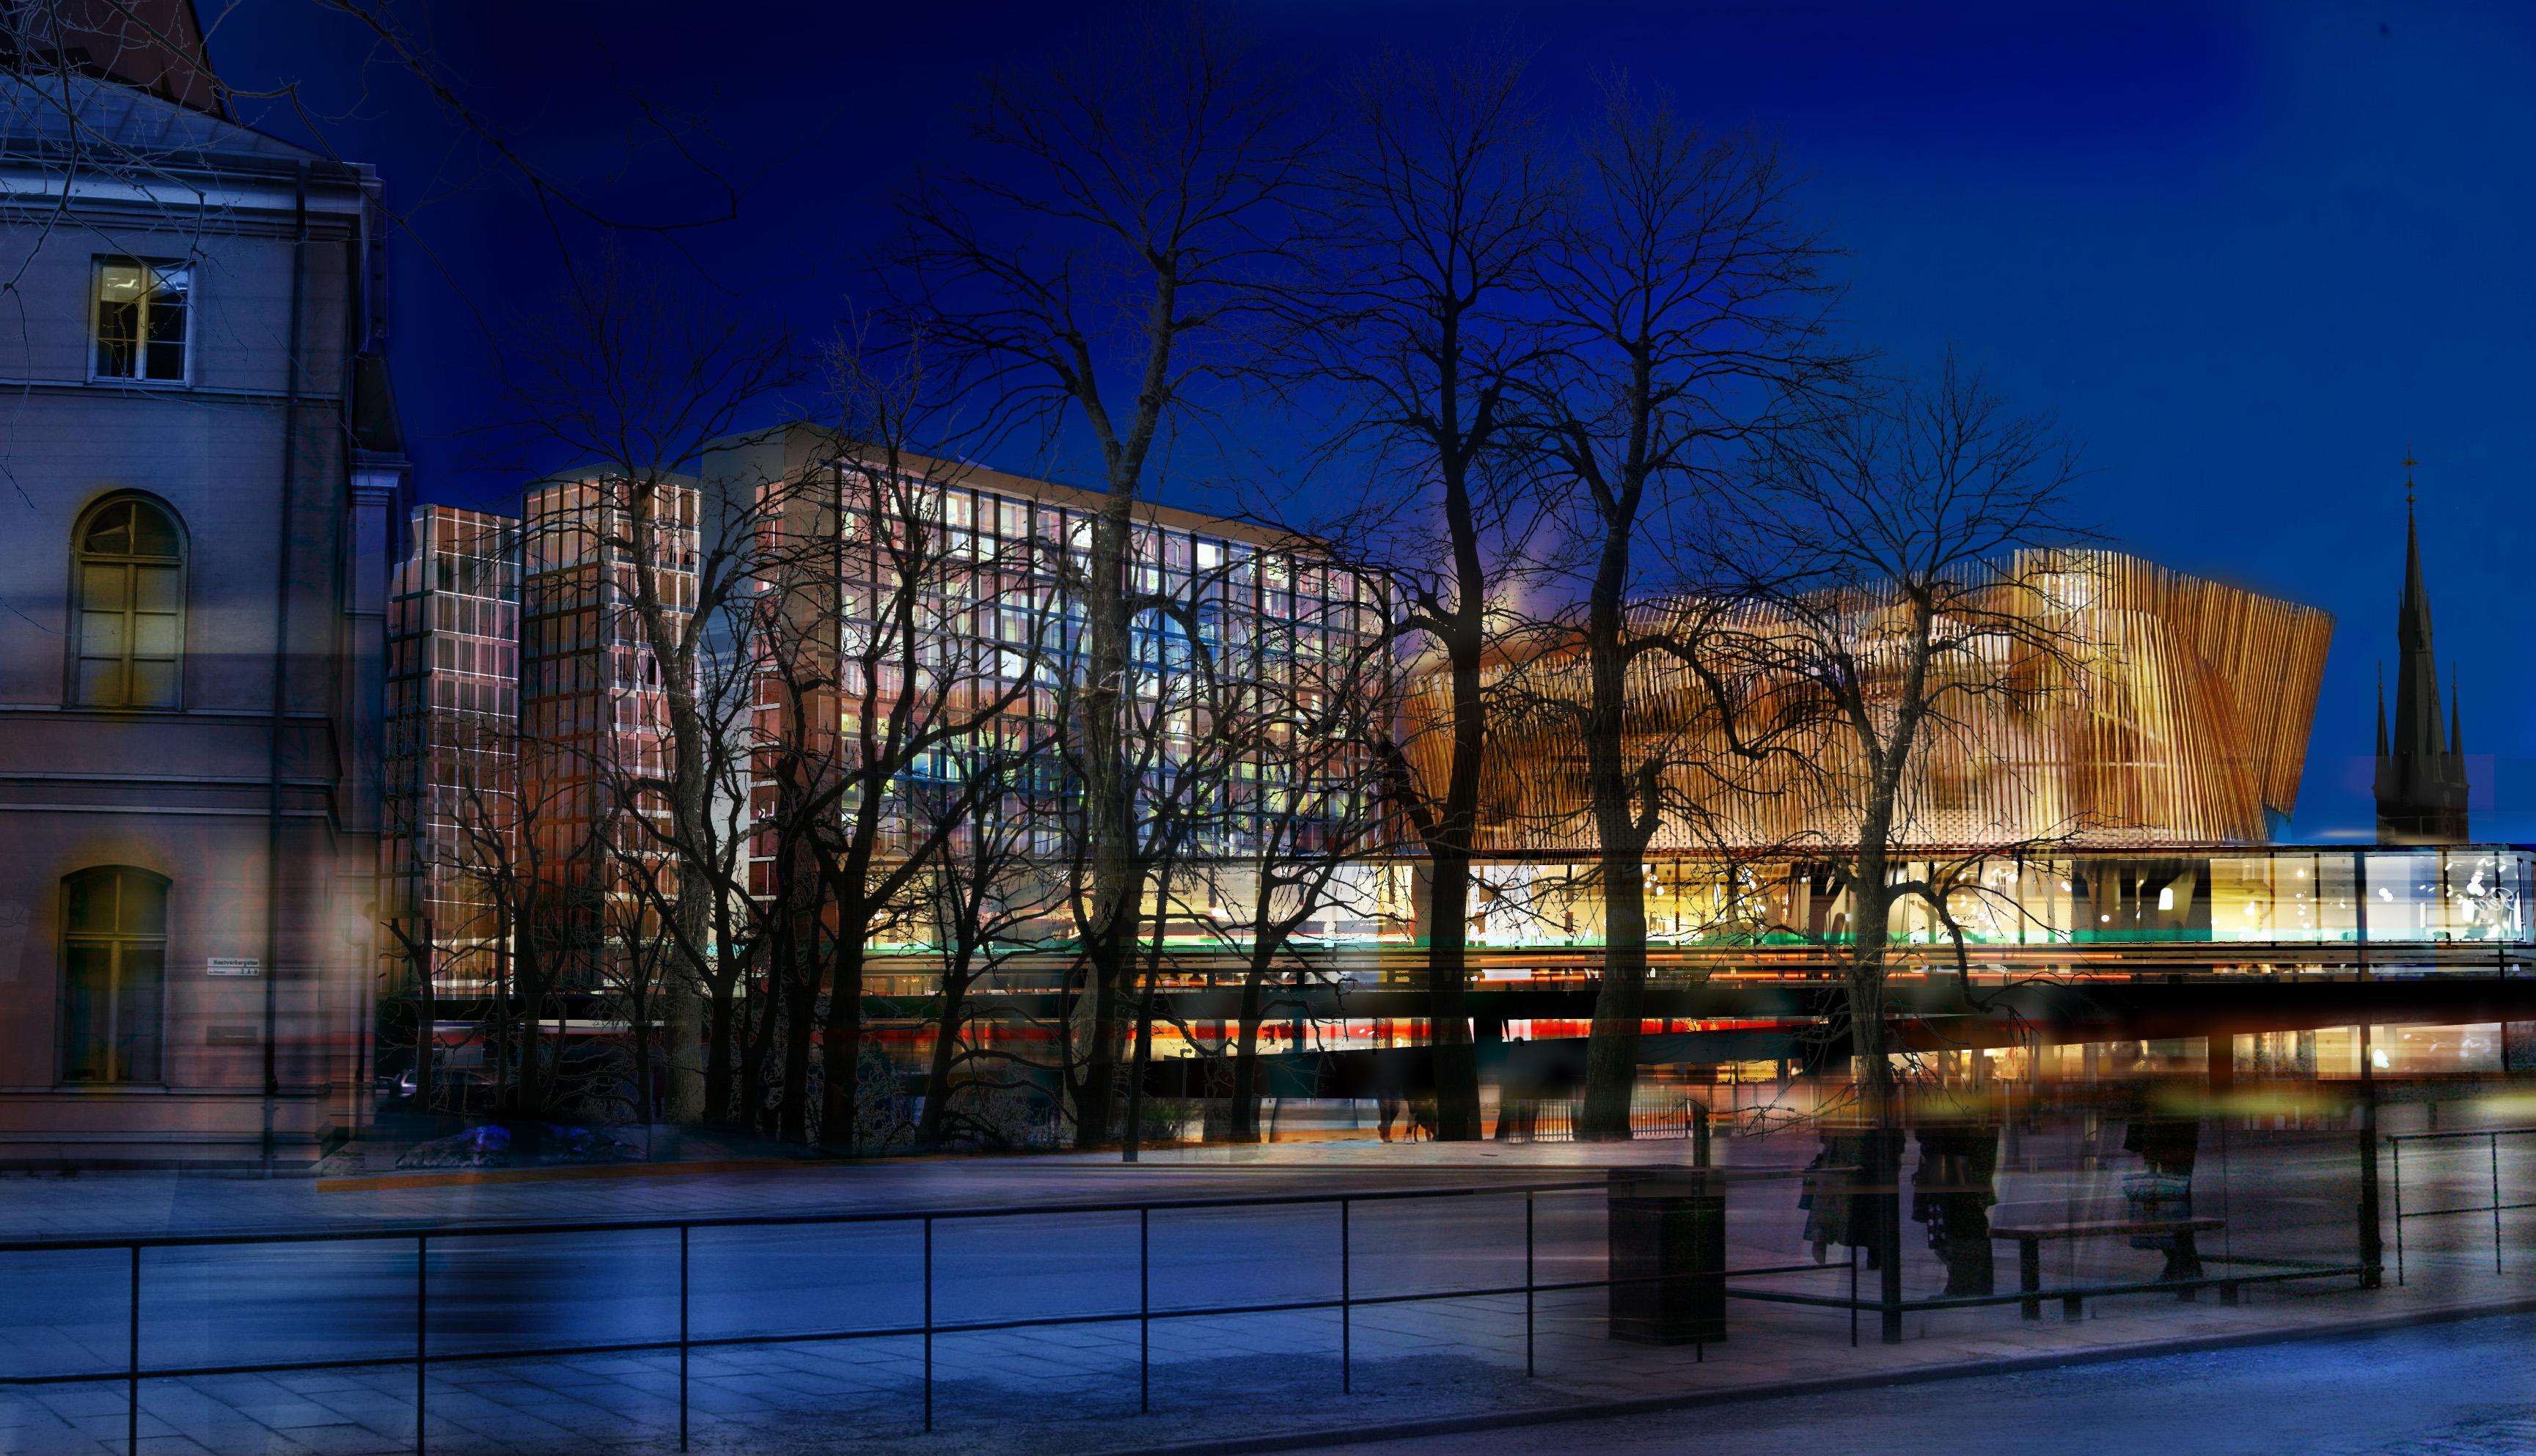 stockholmsbörsen utveckling